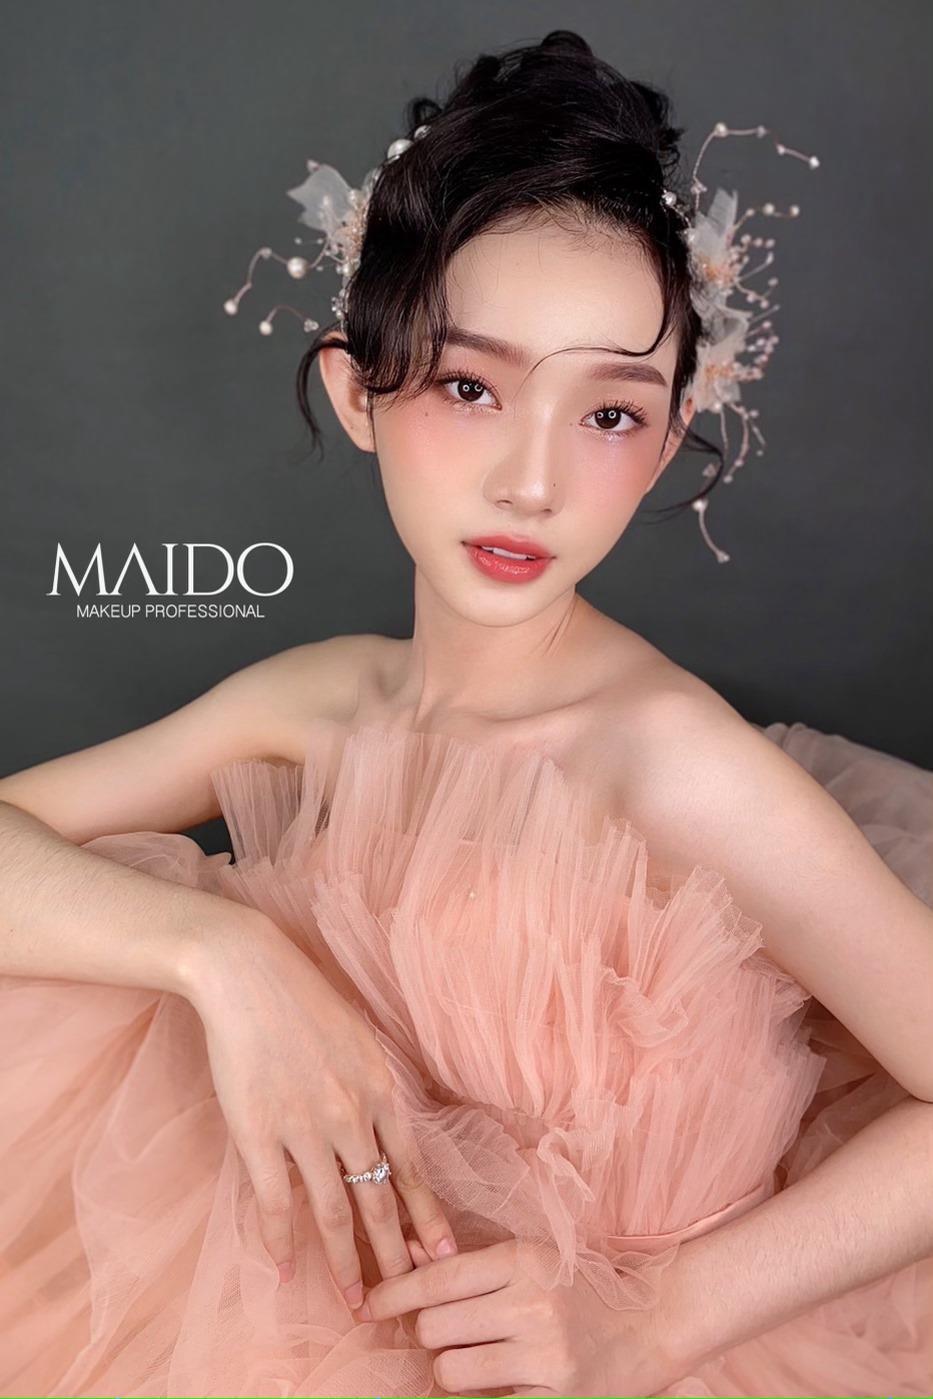 Mai Đỗ Makeup - Địa chỉ vàng mang lại diện mạo xinh đẹp lộng lẫy cho các cô dâu - Ảnh 7.